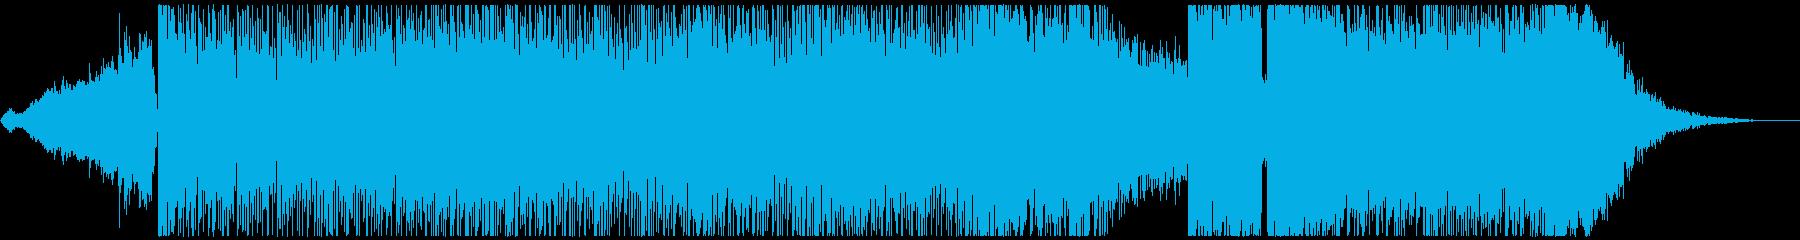 カッコいい和風のブレイクビーツ楽曲の再生済みの波形